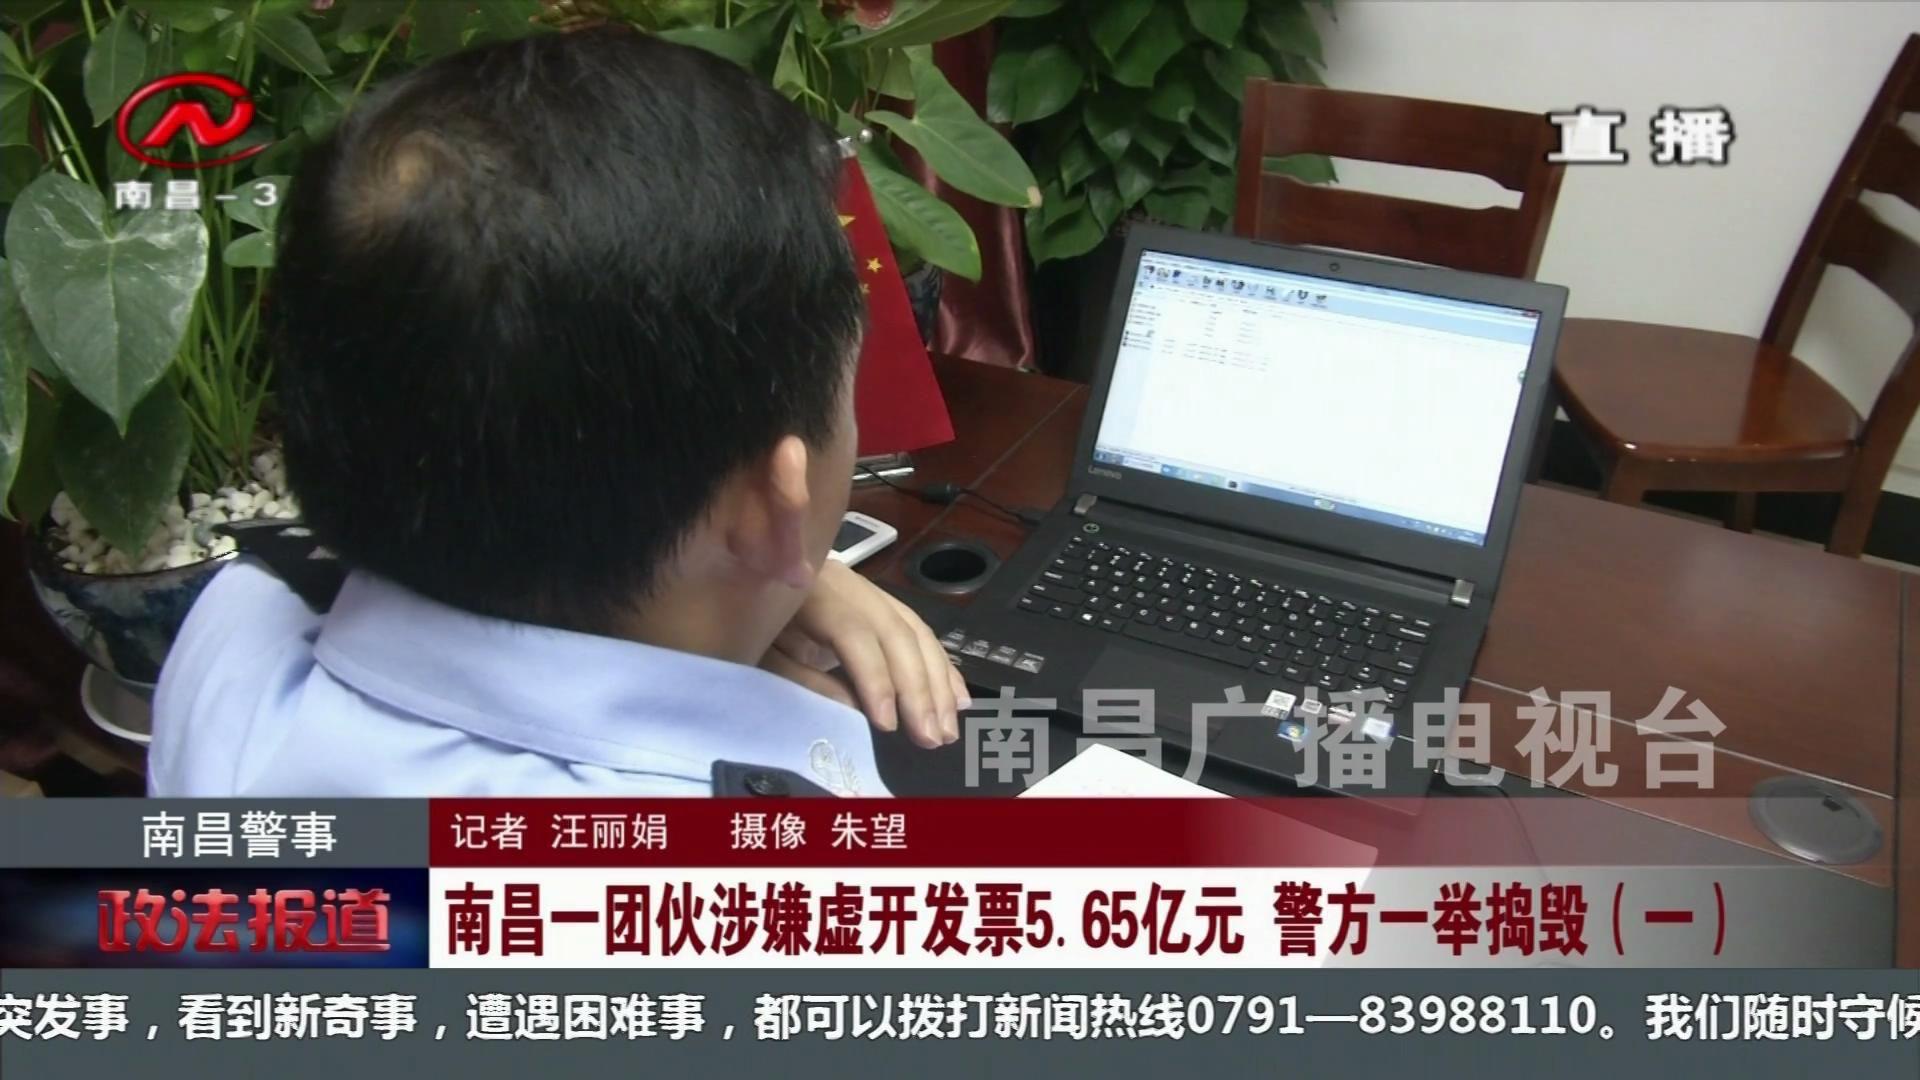 南昌一团伙涉嫌虚开发票5.65亿元 警方一举捣毁